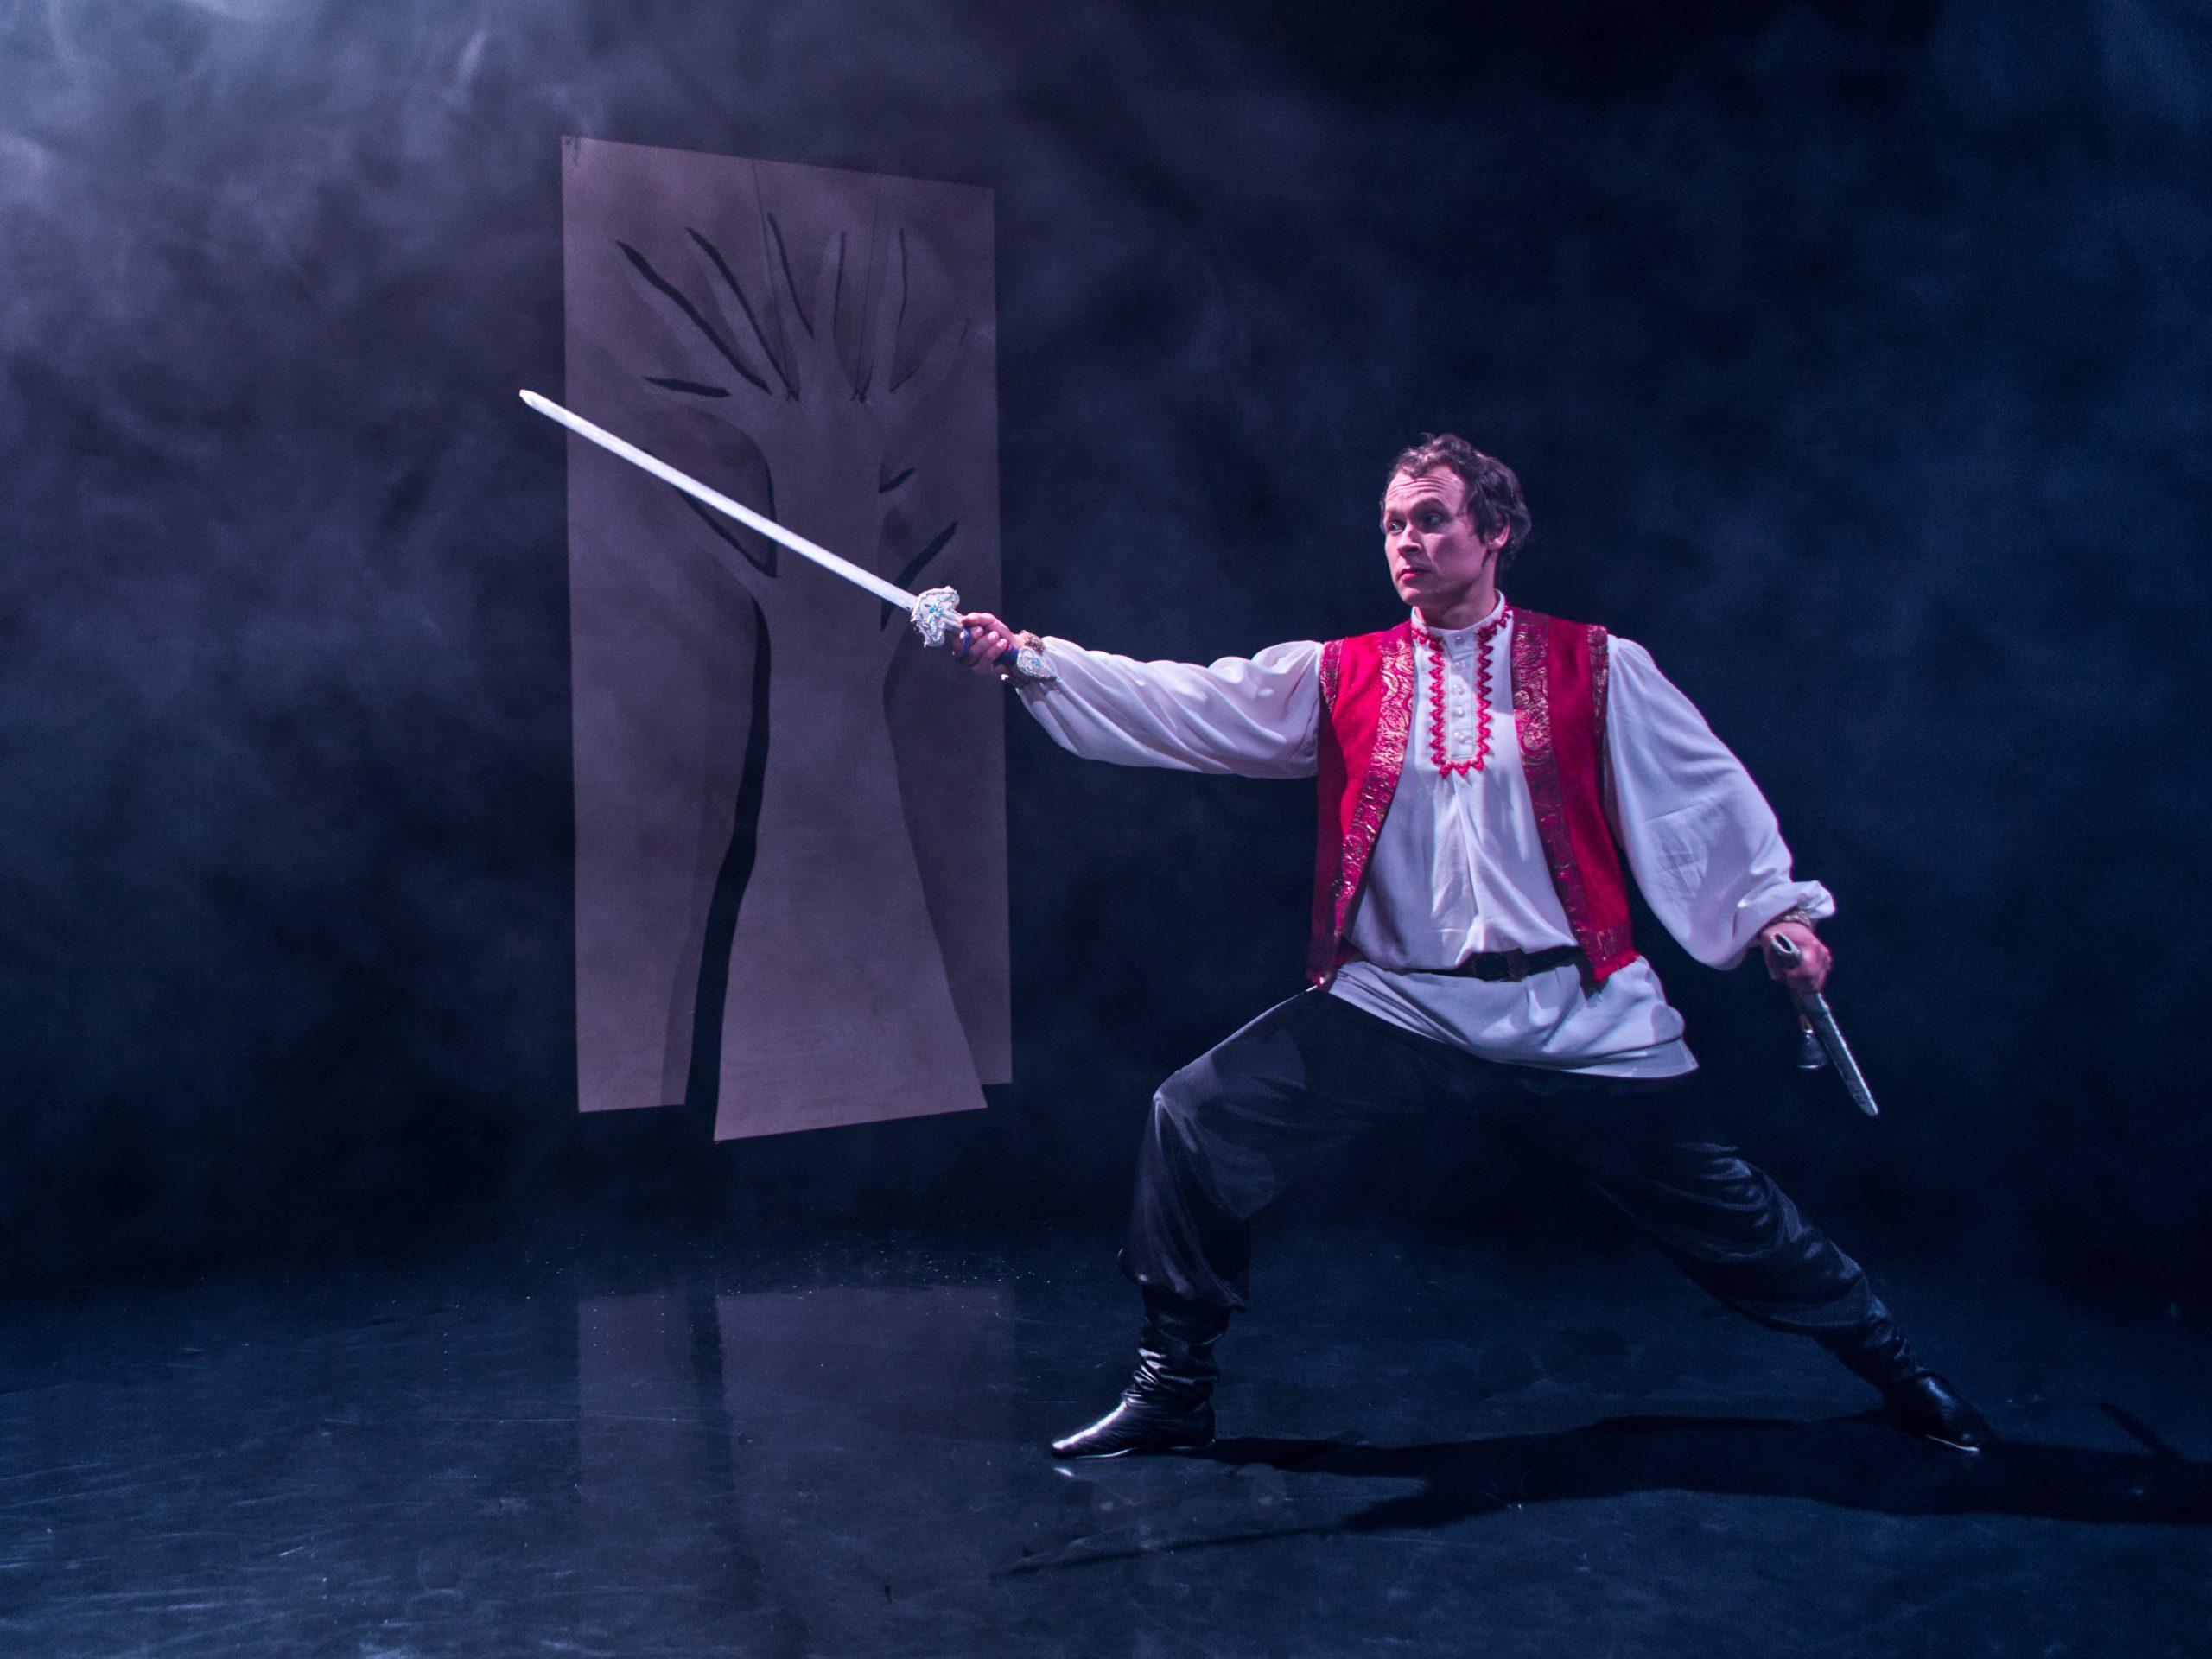 Tsaarinpoika ojentaa kättään kädessään miekka